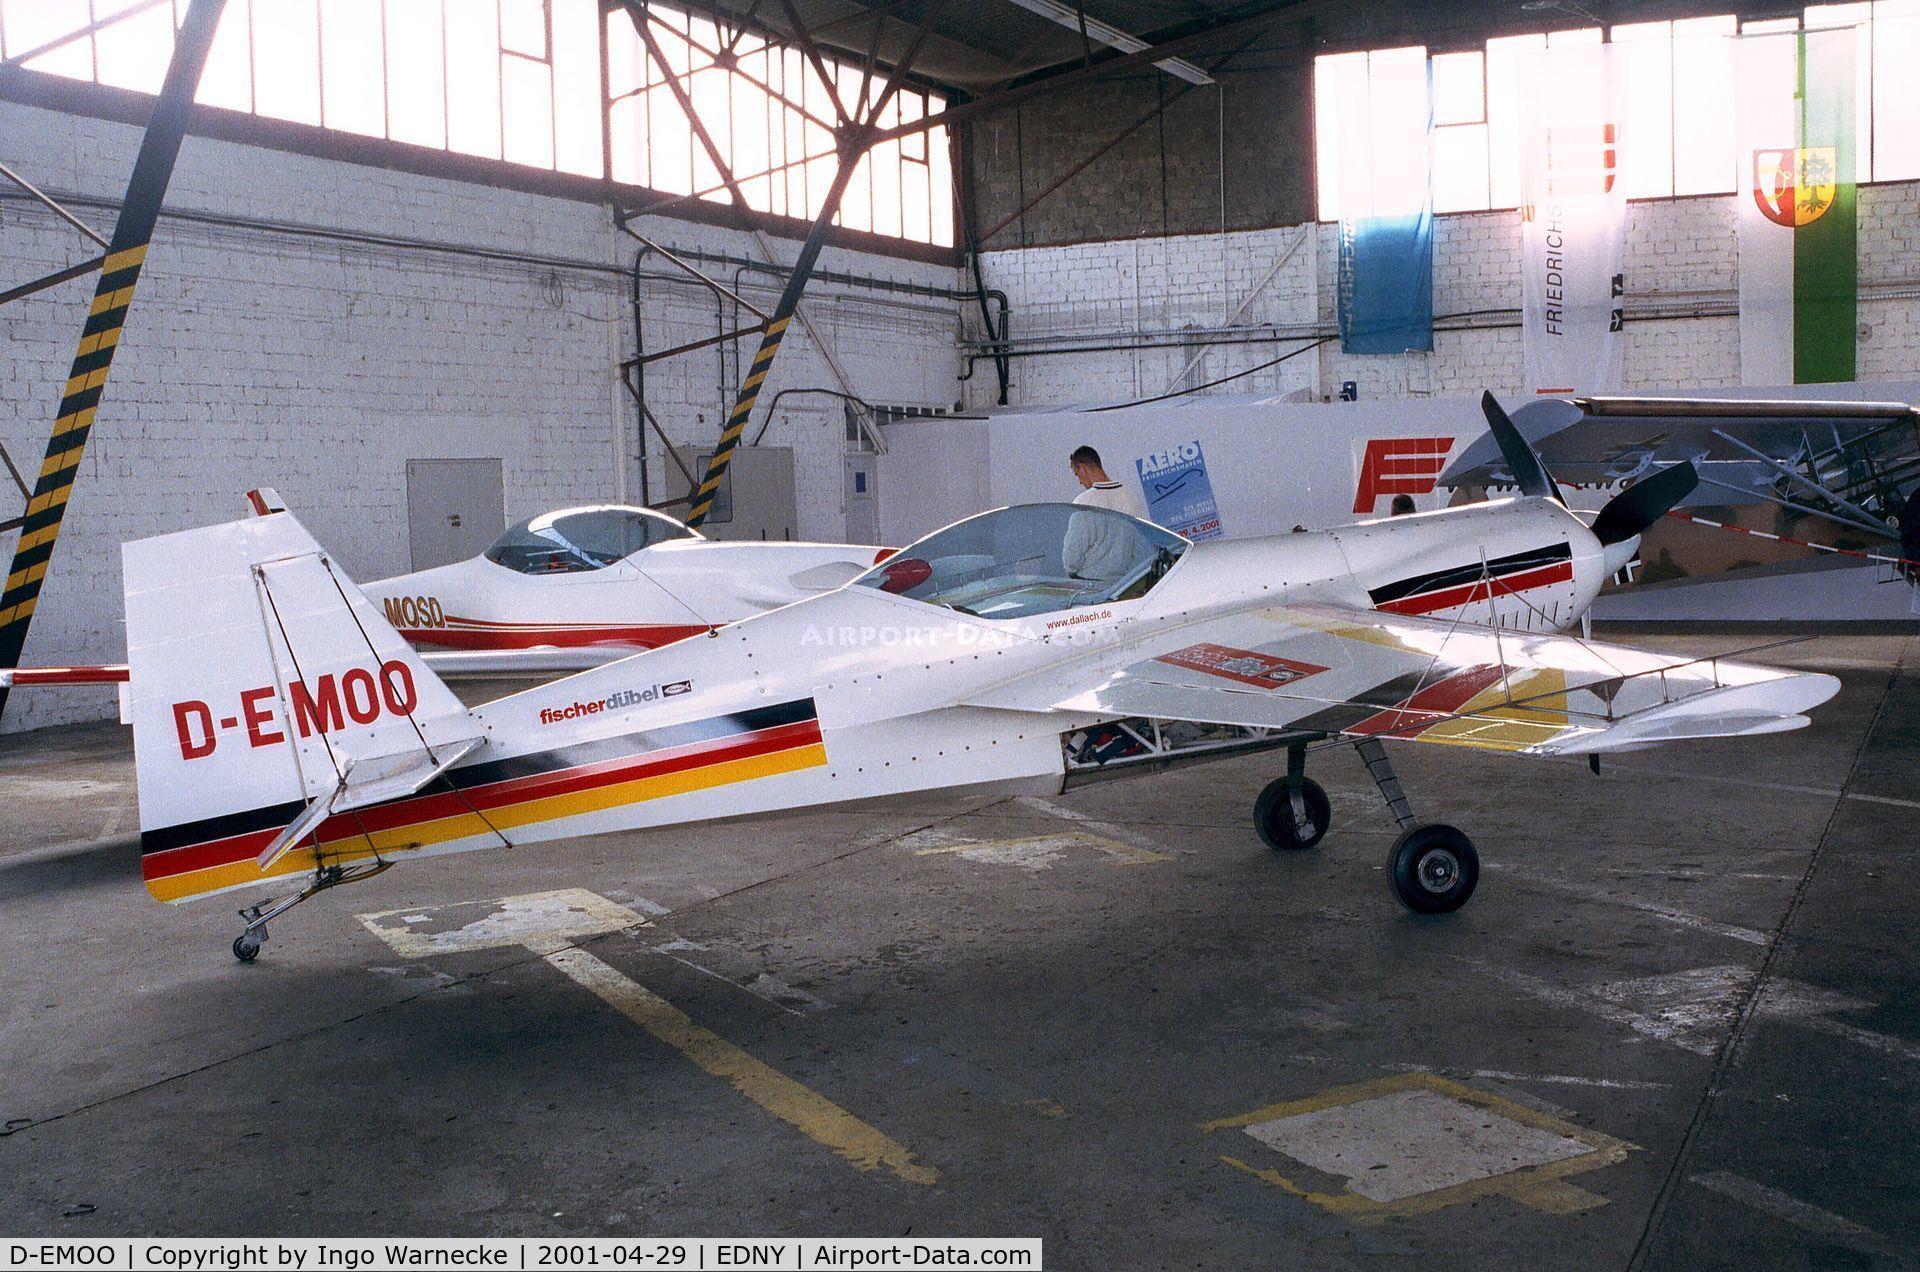 D-EMOO, WDFL Dallach Diablo 2 C/N EB-002, Dallach Diablo 2 at the AERO 2001, Friedrichshafen